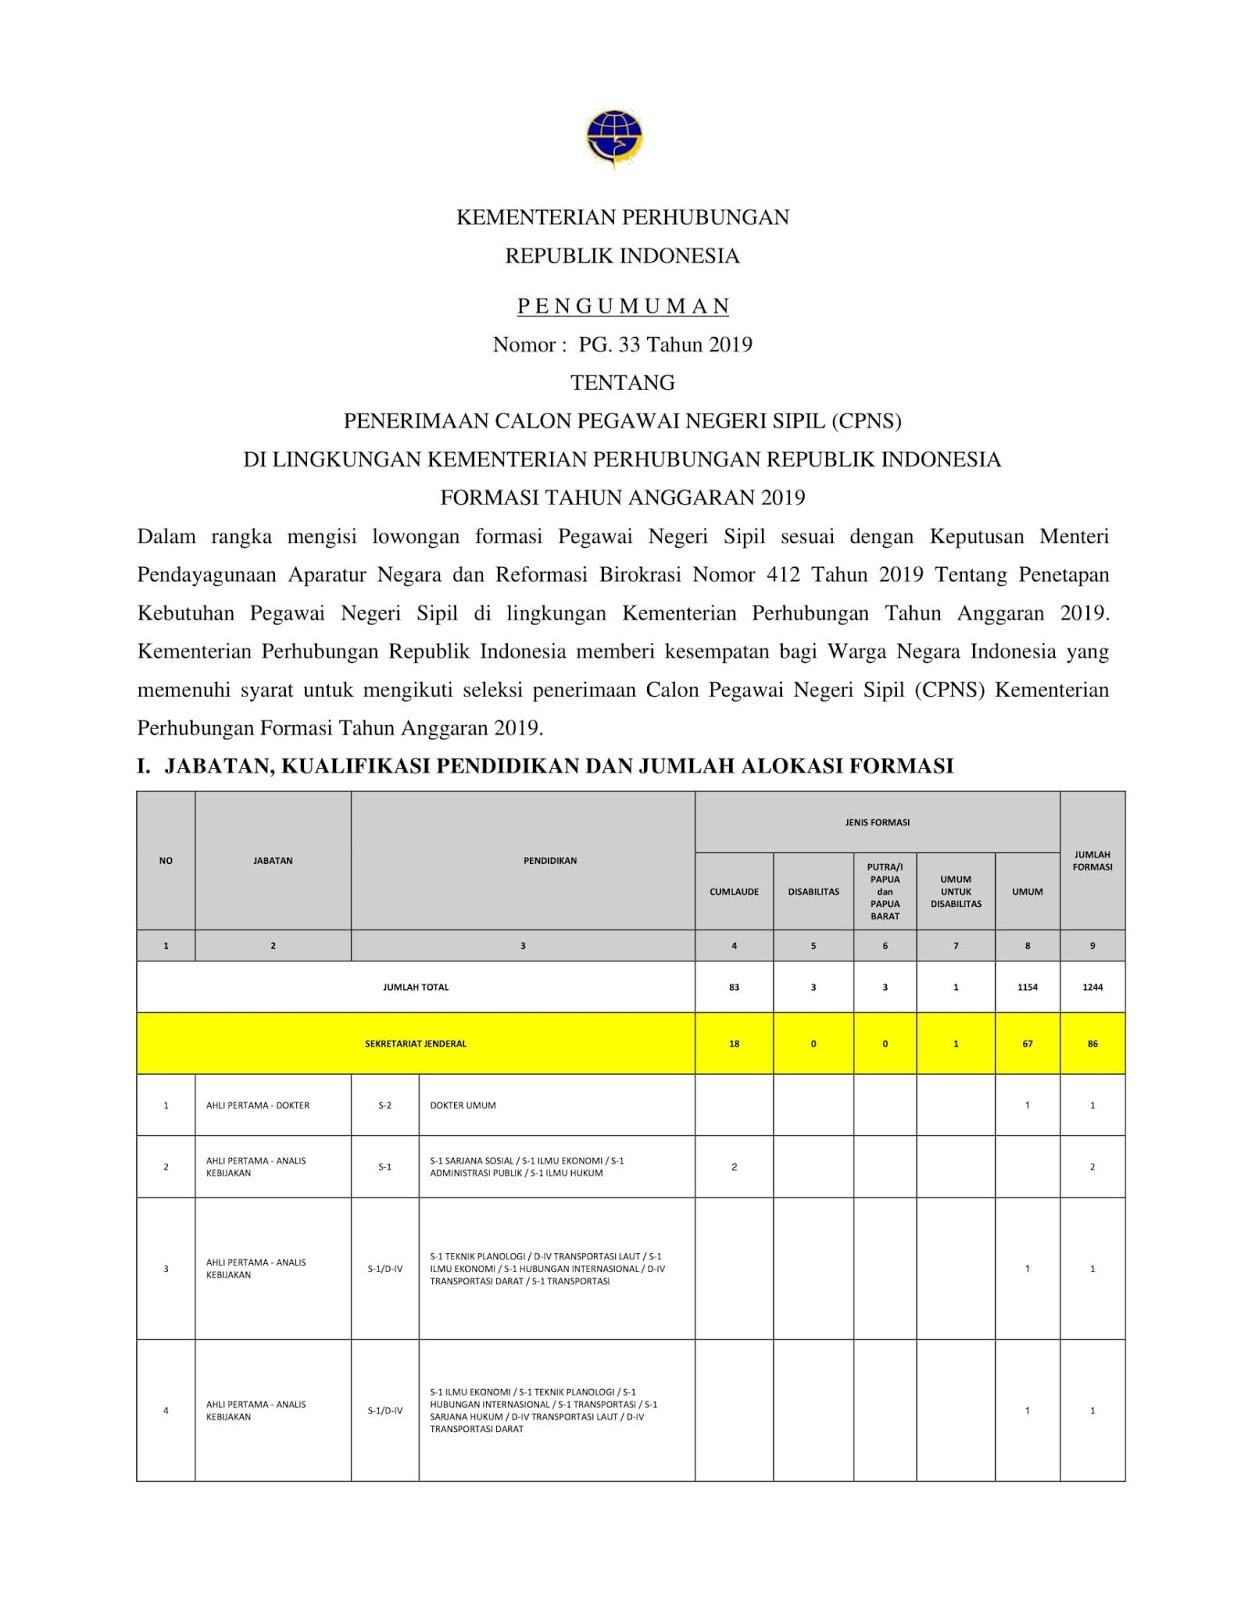 Formasi Cpns Sma 2019 : formasi, Lowongan, Kementerian, Perhubungan, Tahun, Anggaran, [1244, Formasi], REKRUTMEN, LOWONGAN, KERJA, BULAN, MARET